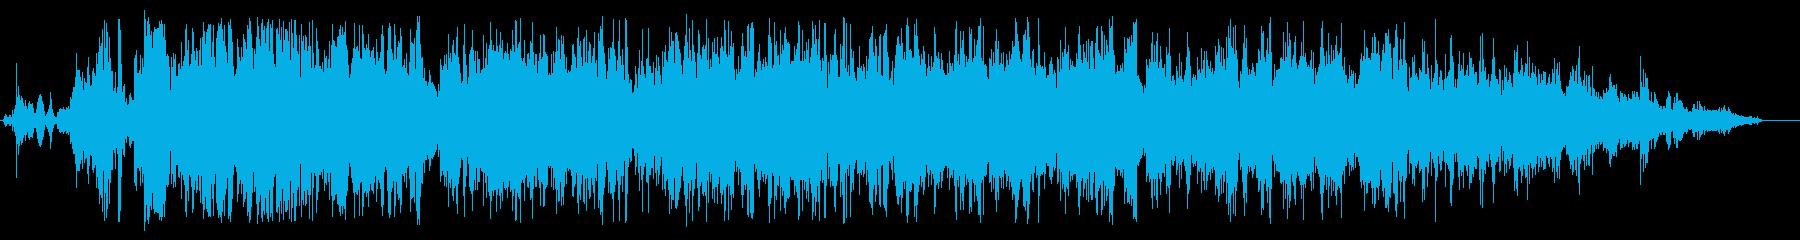 トイレの水を流す効果音の再生済みの波形